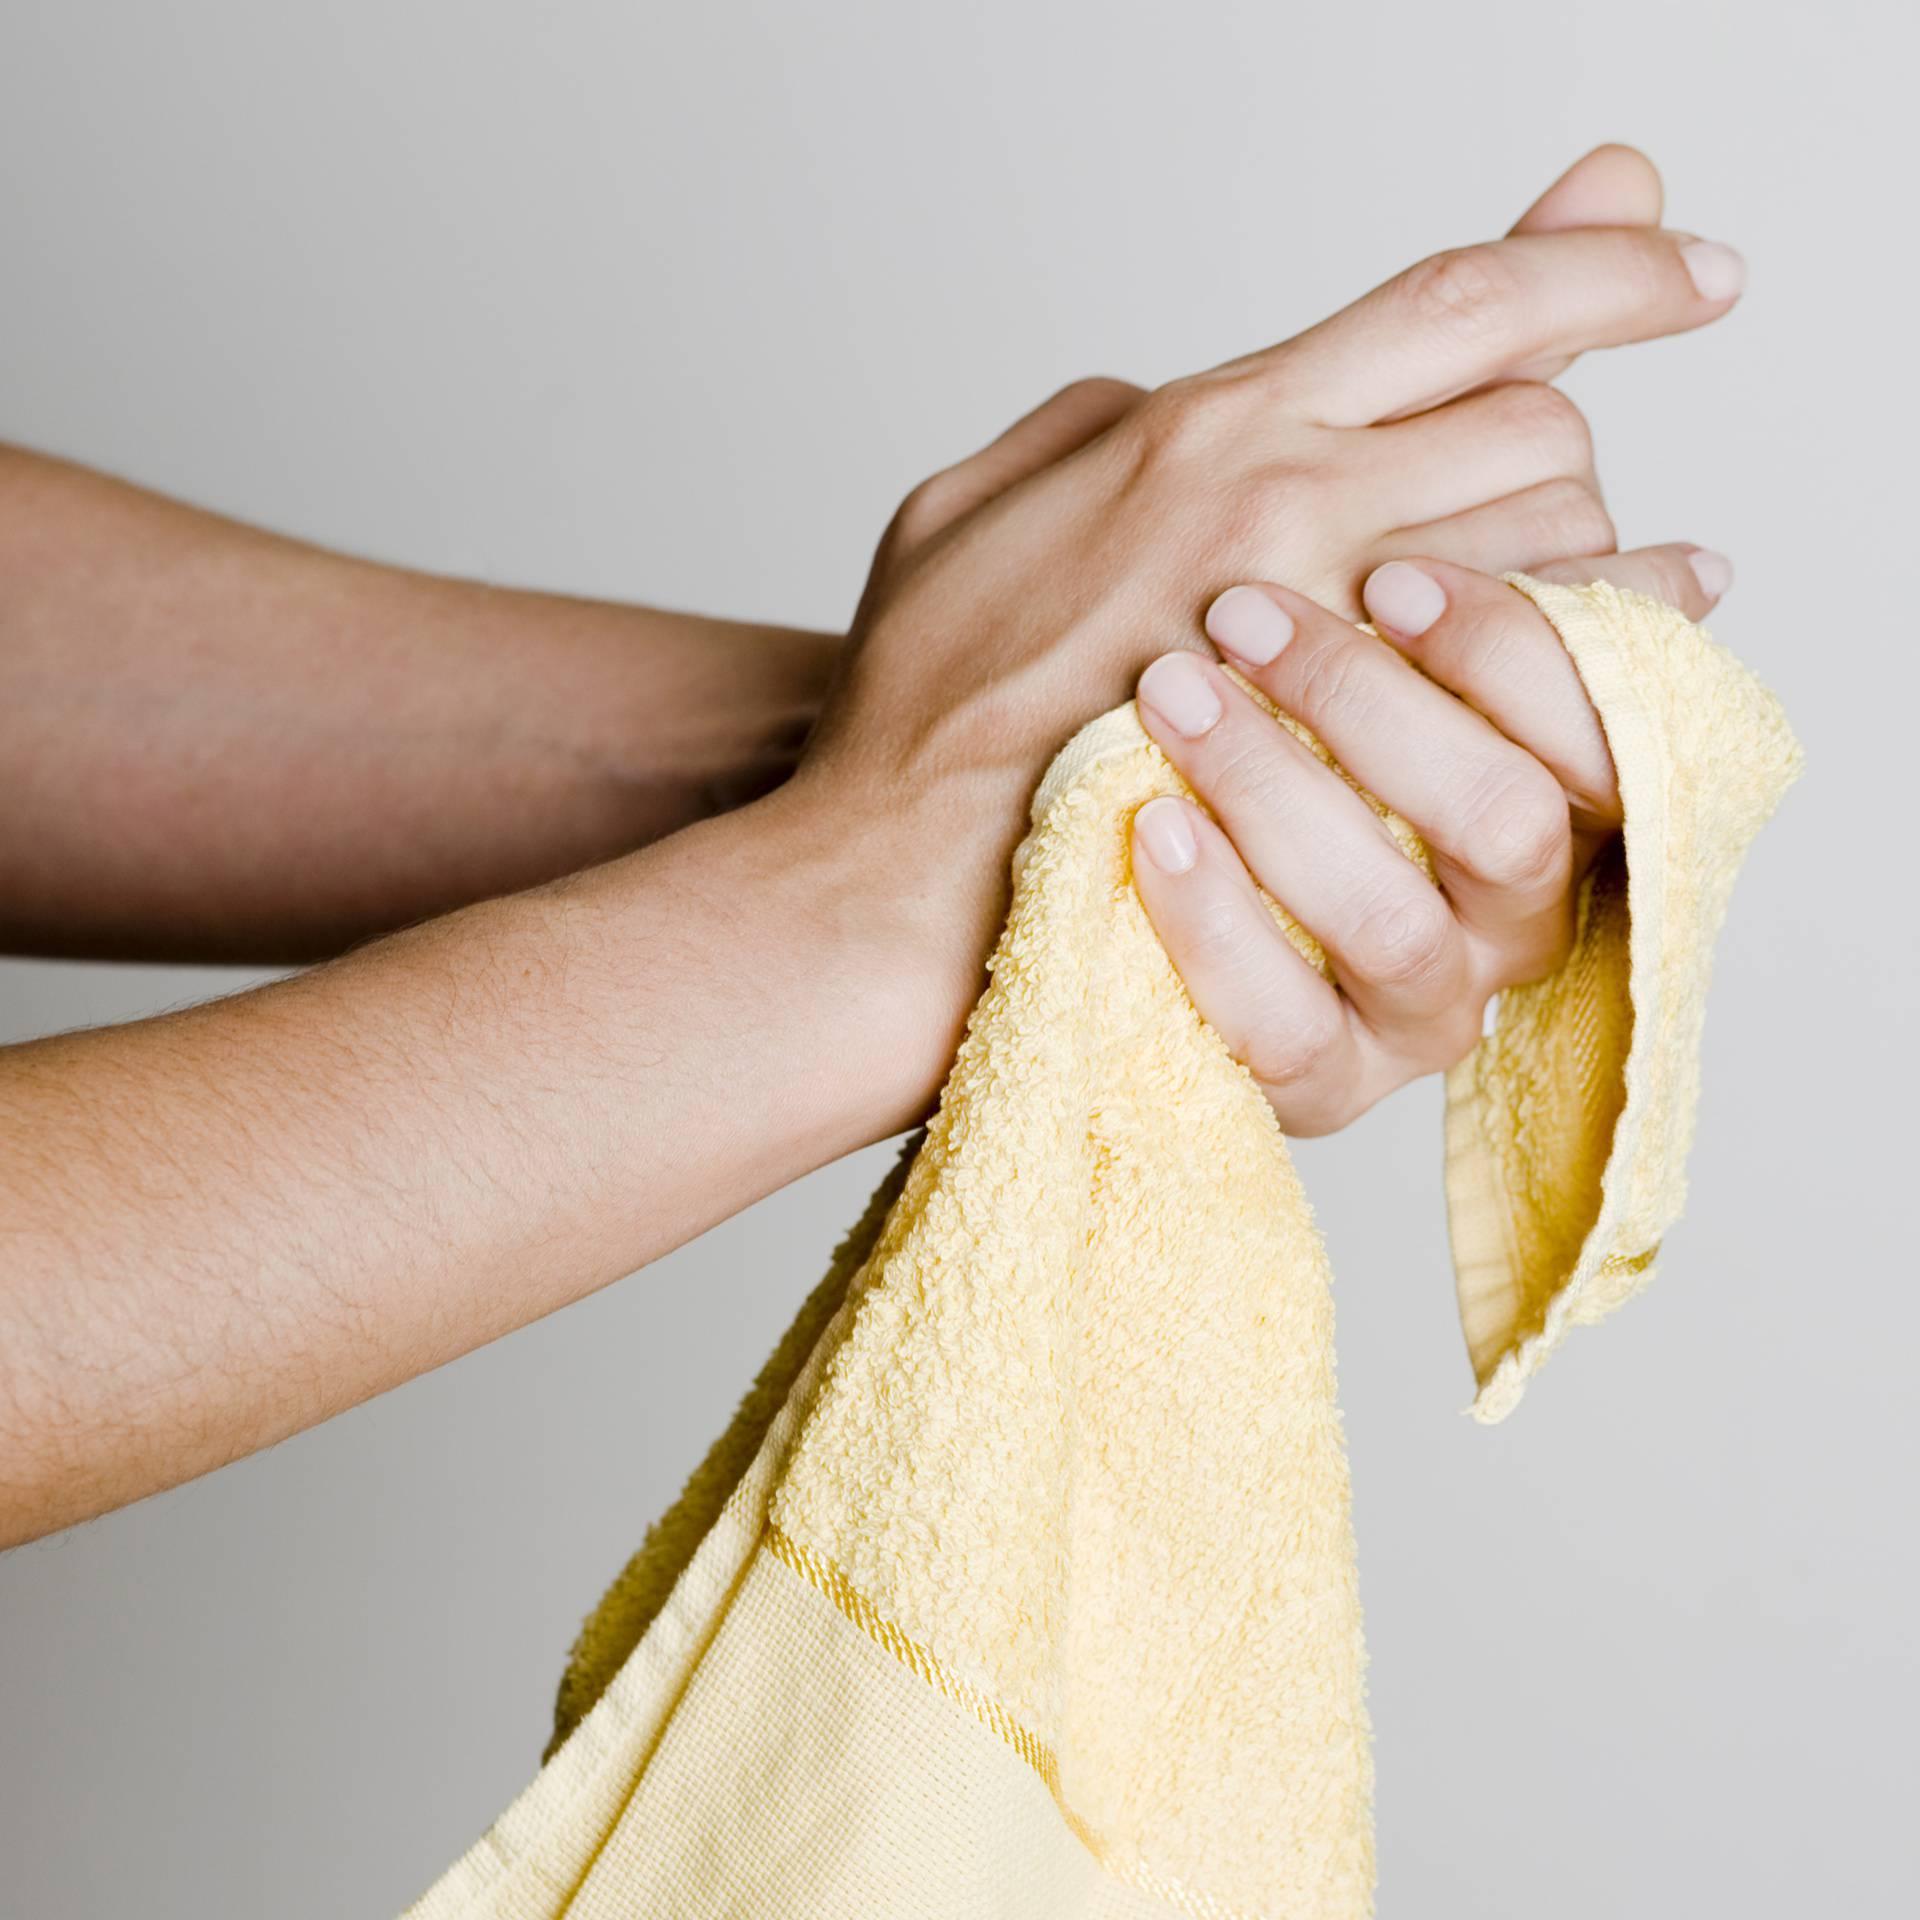 Ruke je nakon pranja jednako bitno dobro osušiti kao i oprati